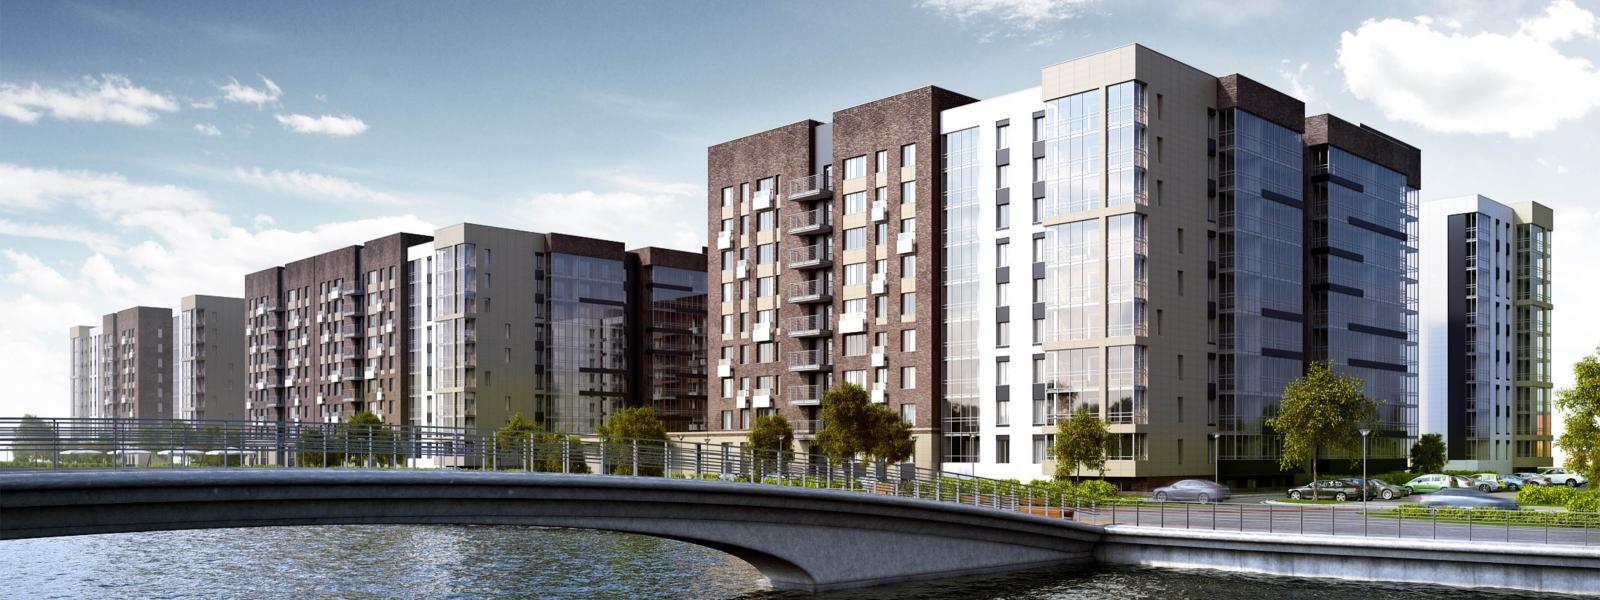 work-Проект жилого комплекса в контексте развития района Затон в Иркутске